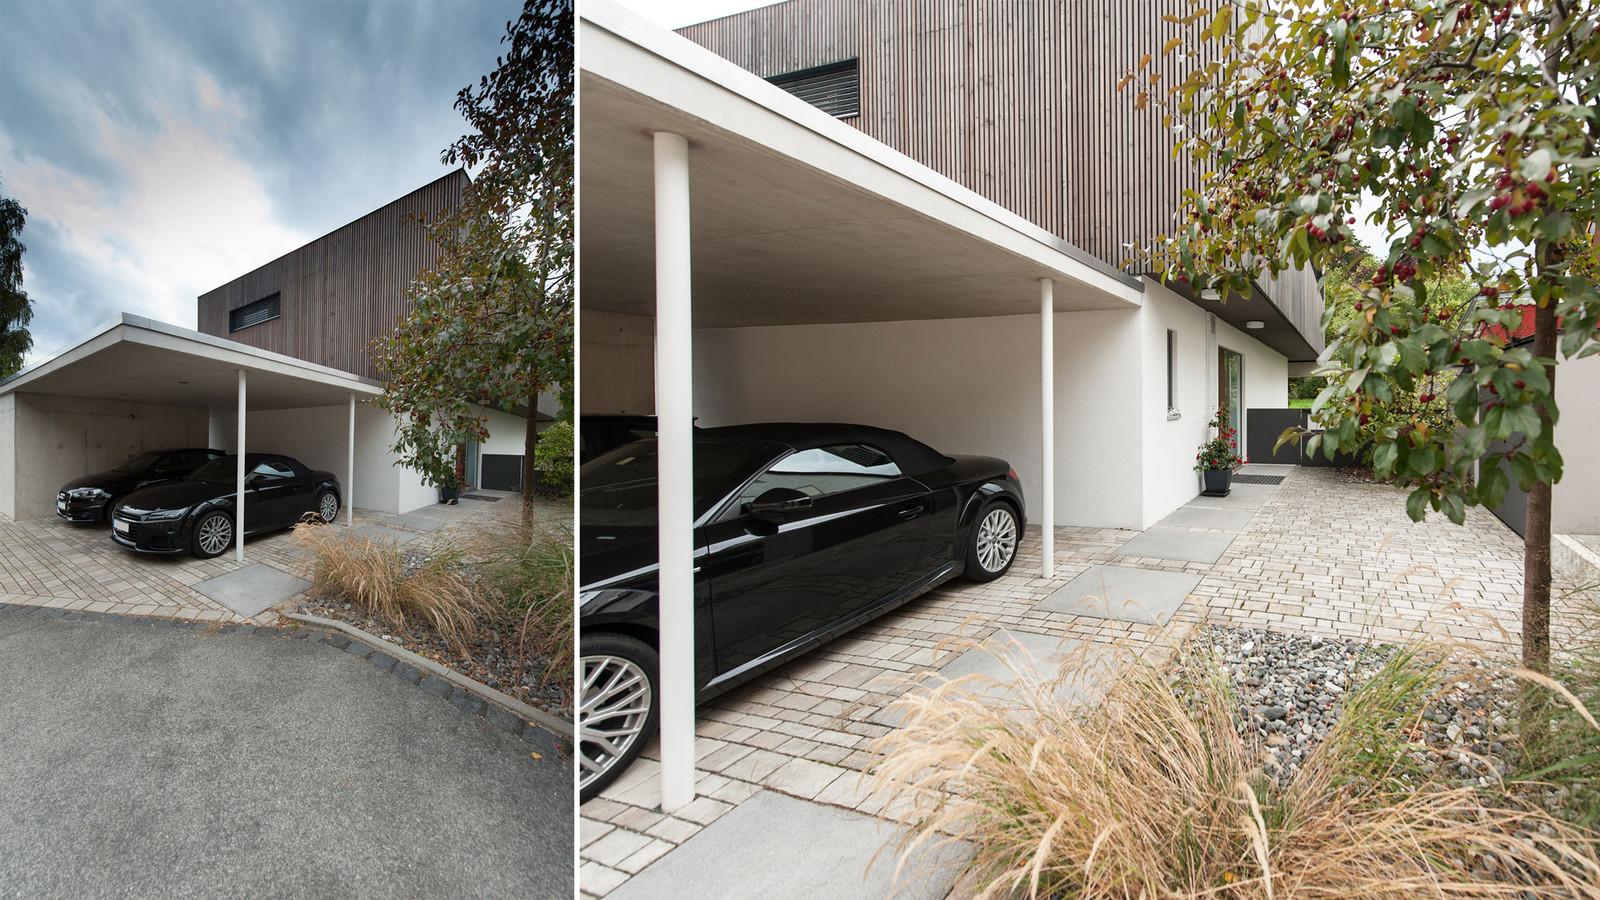 Bda Nürnberg architektenvilla in nürnberg grimm architekten bda architekt in